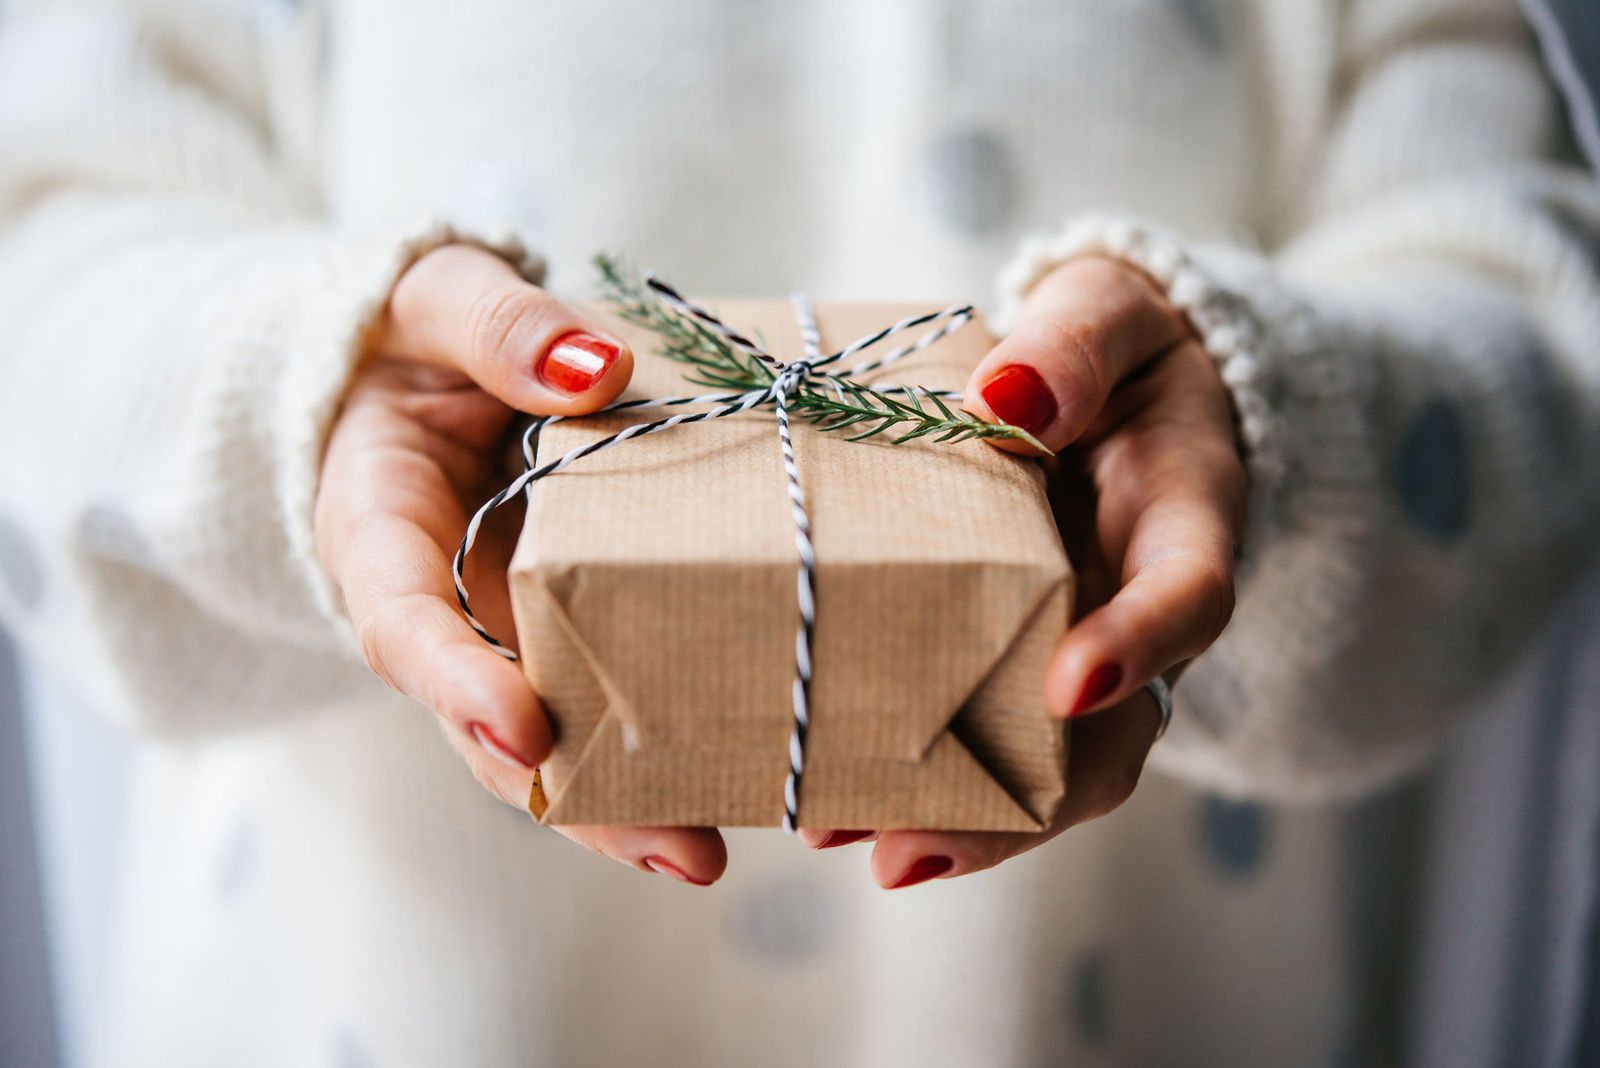 Saint-Valentin : Les idées cadeaux gourmands pour elle et pour lui